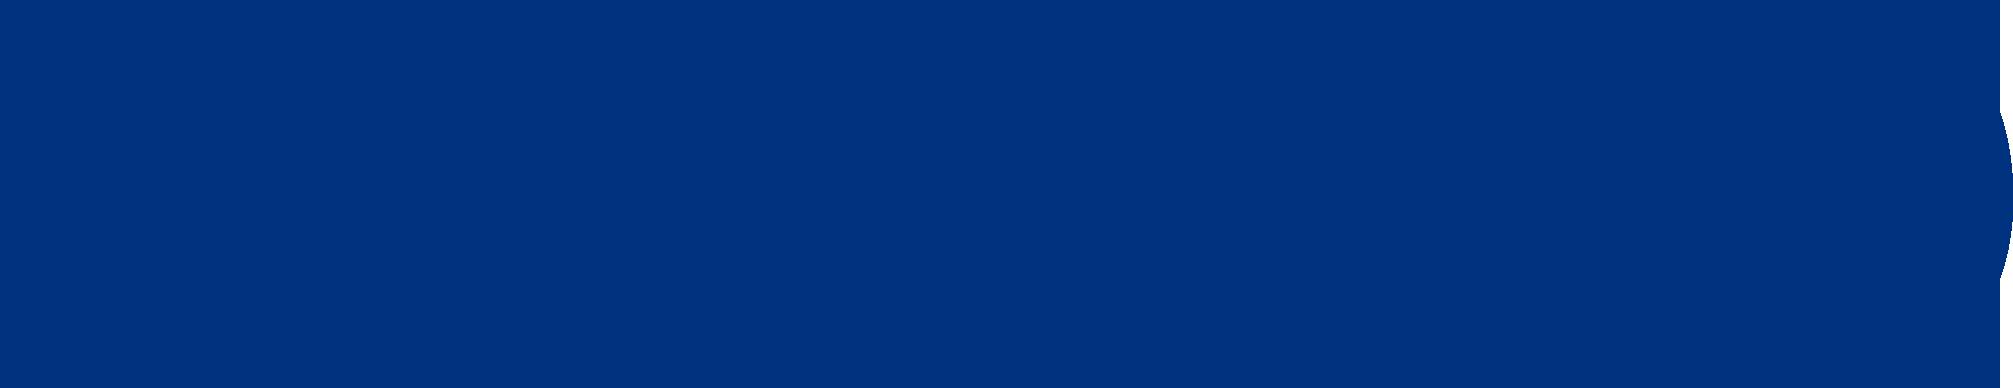 CBS19 - blue.png